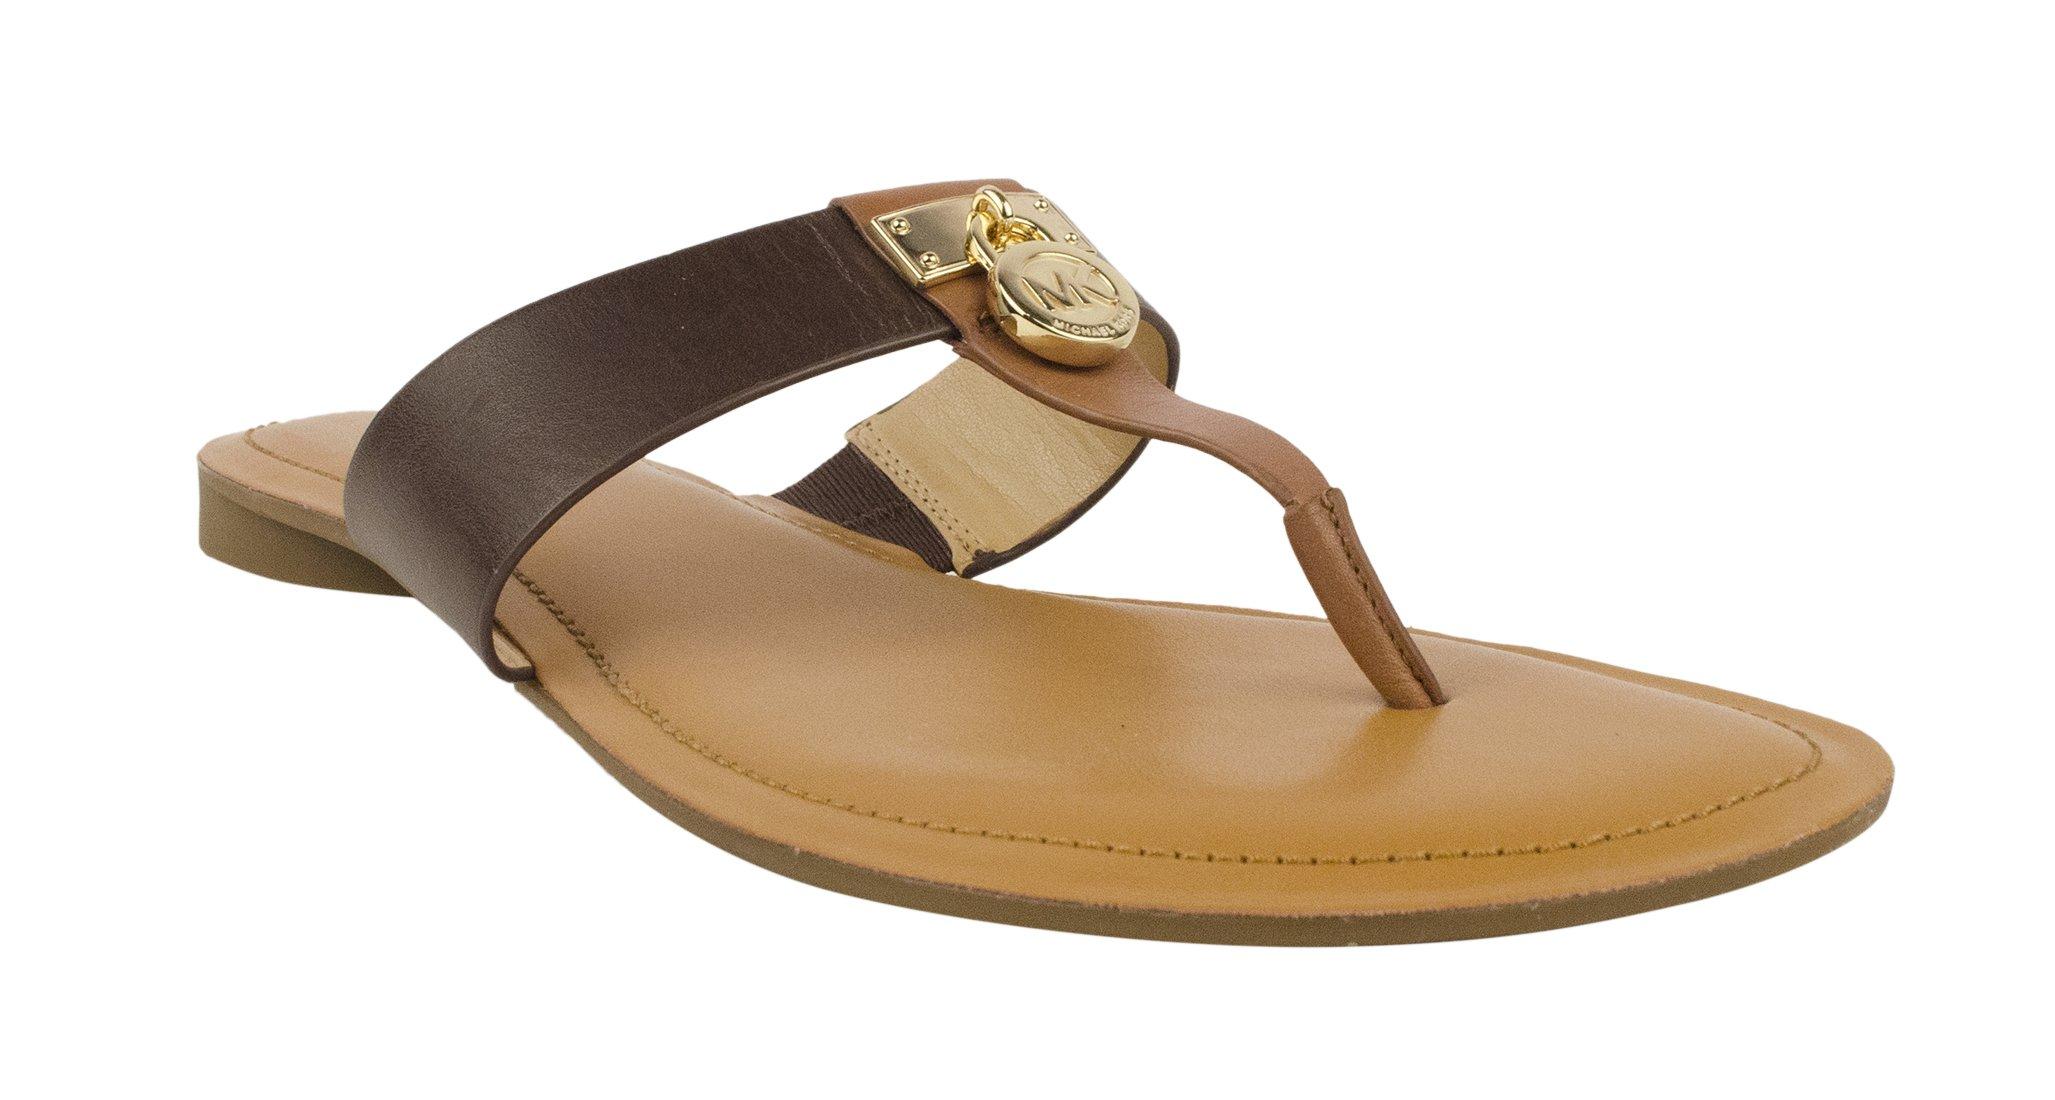 MICHAEL Michael Kors Women's Hamilton Flat Walnut/Java Vachetta Sandal 5.5 M